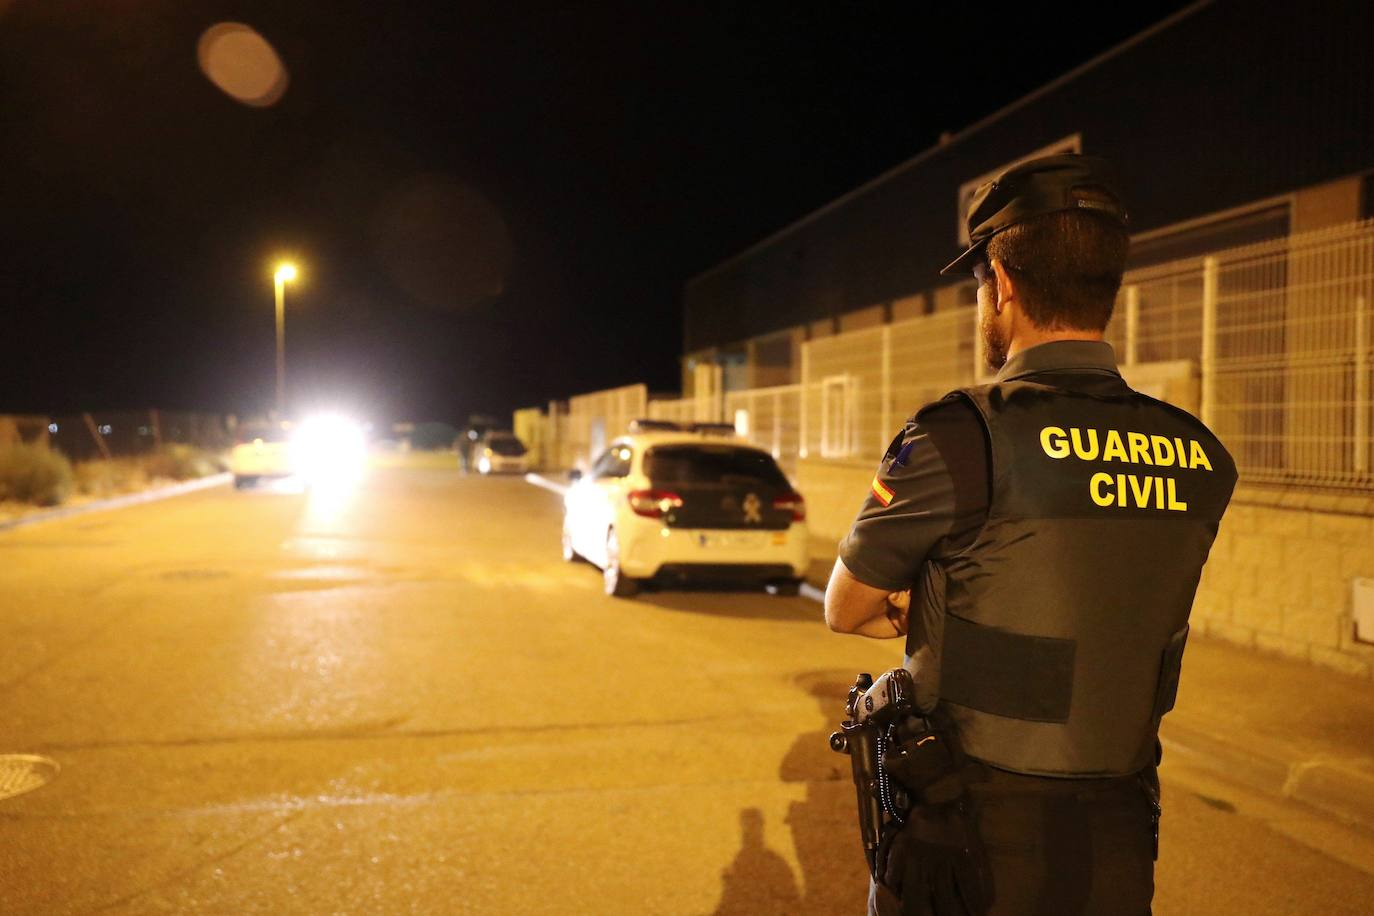 Hieren con arma blanca a un guardia civil en Ávila